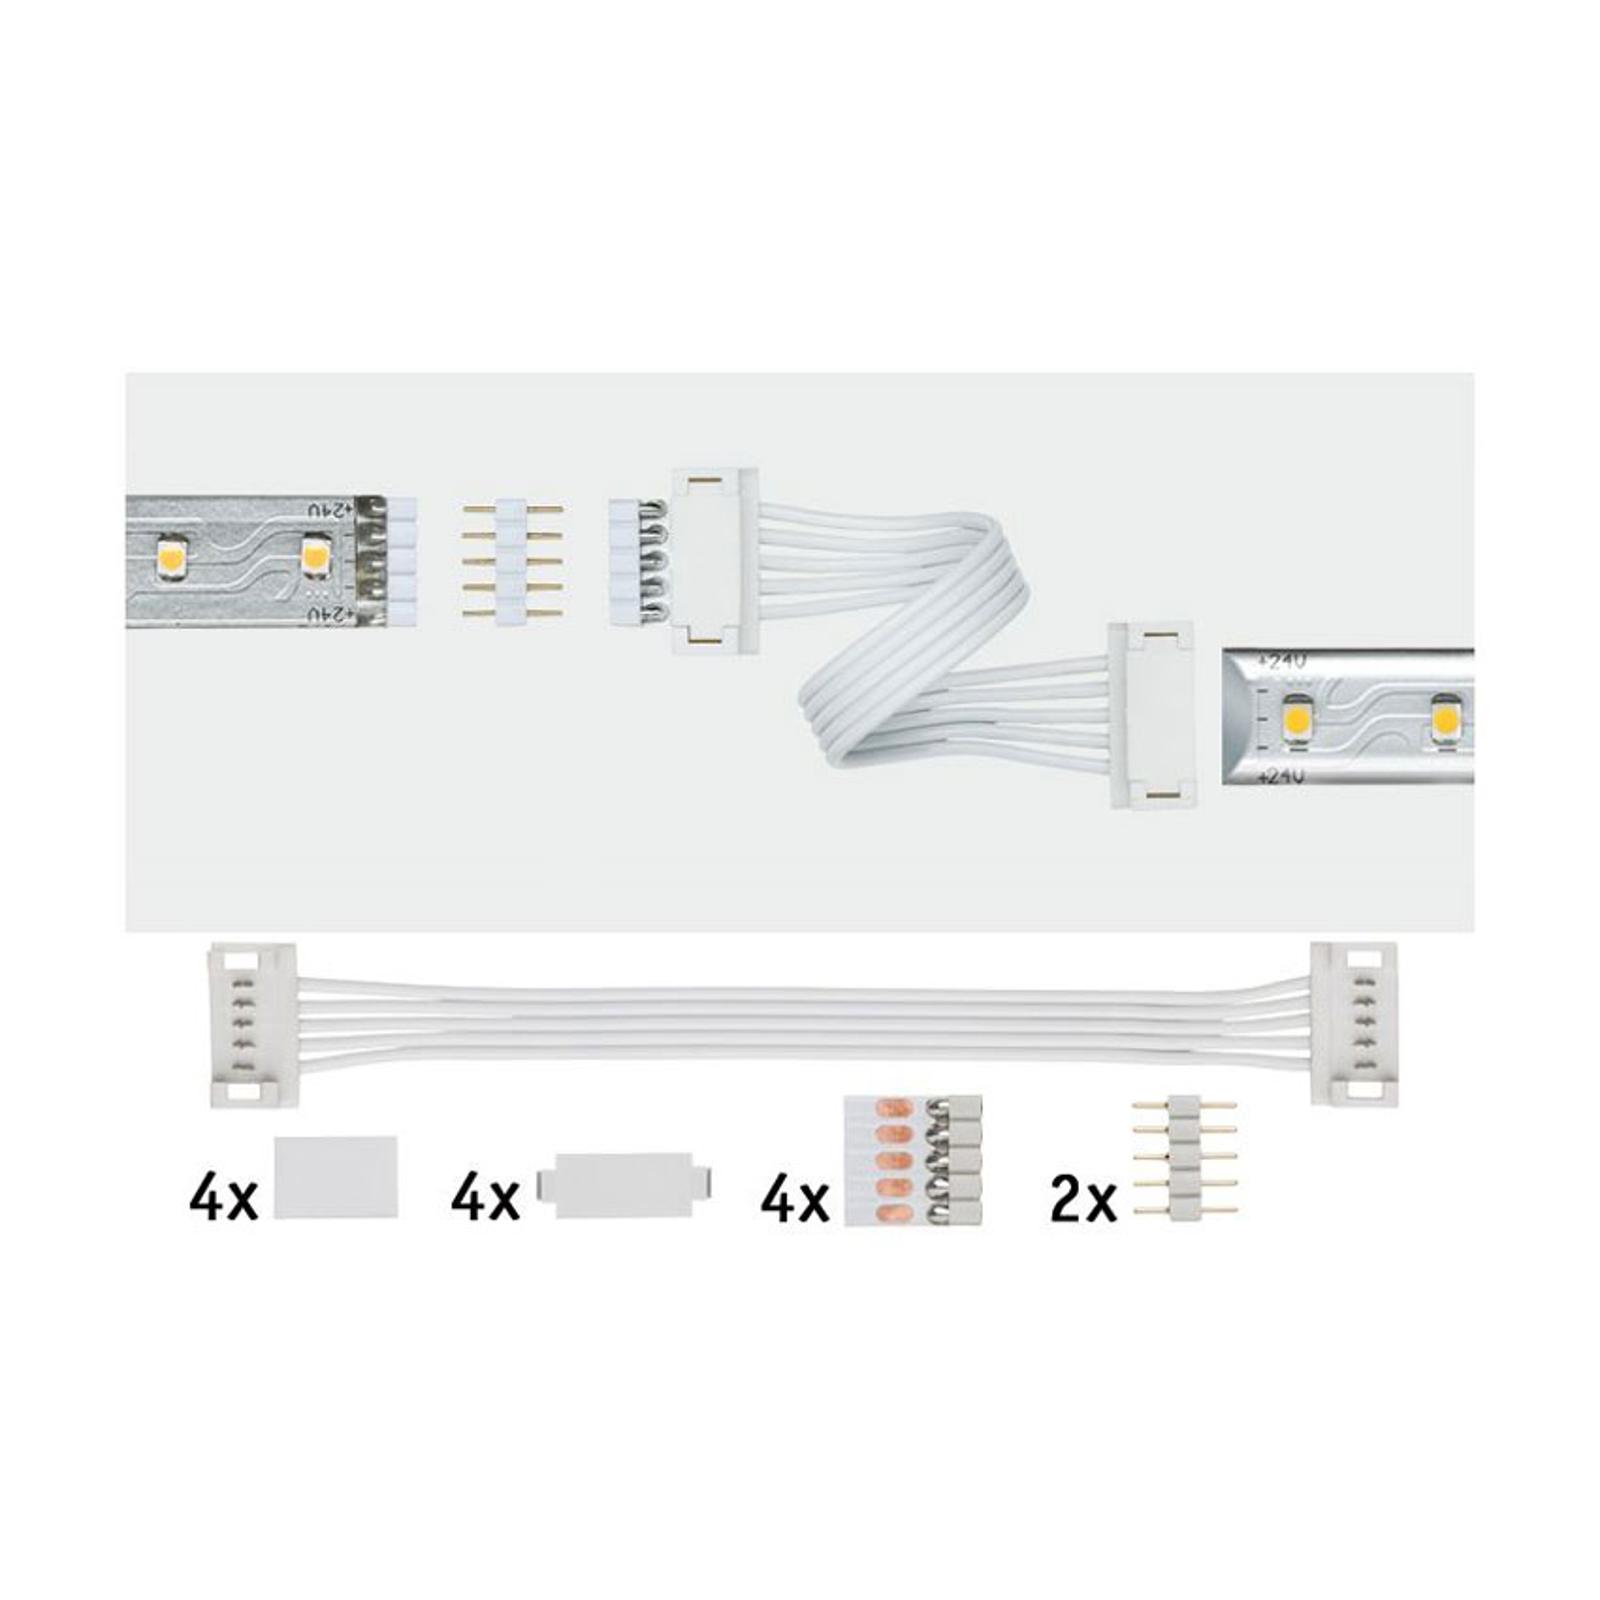 Paulmann MaxLED connecteur universel, par 2, blanc